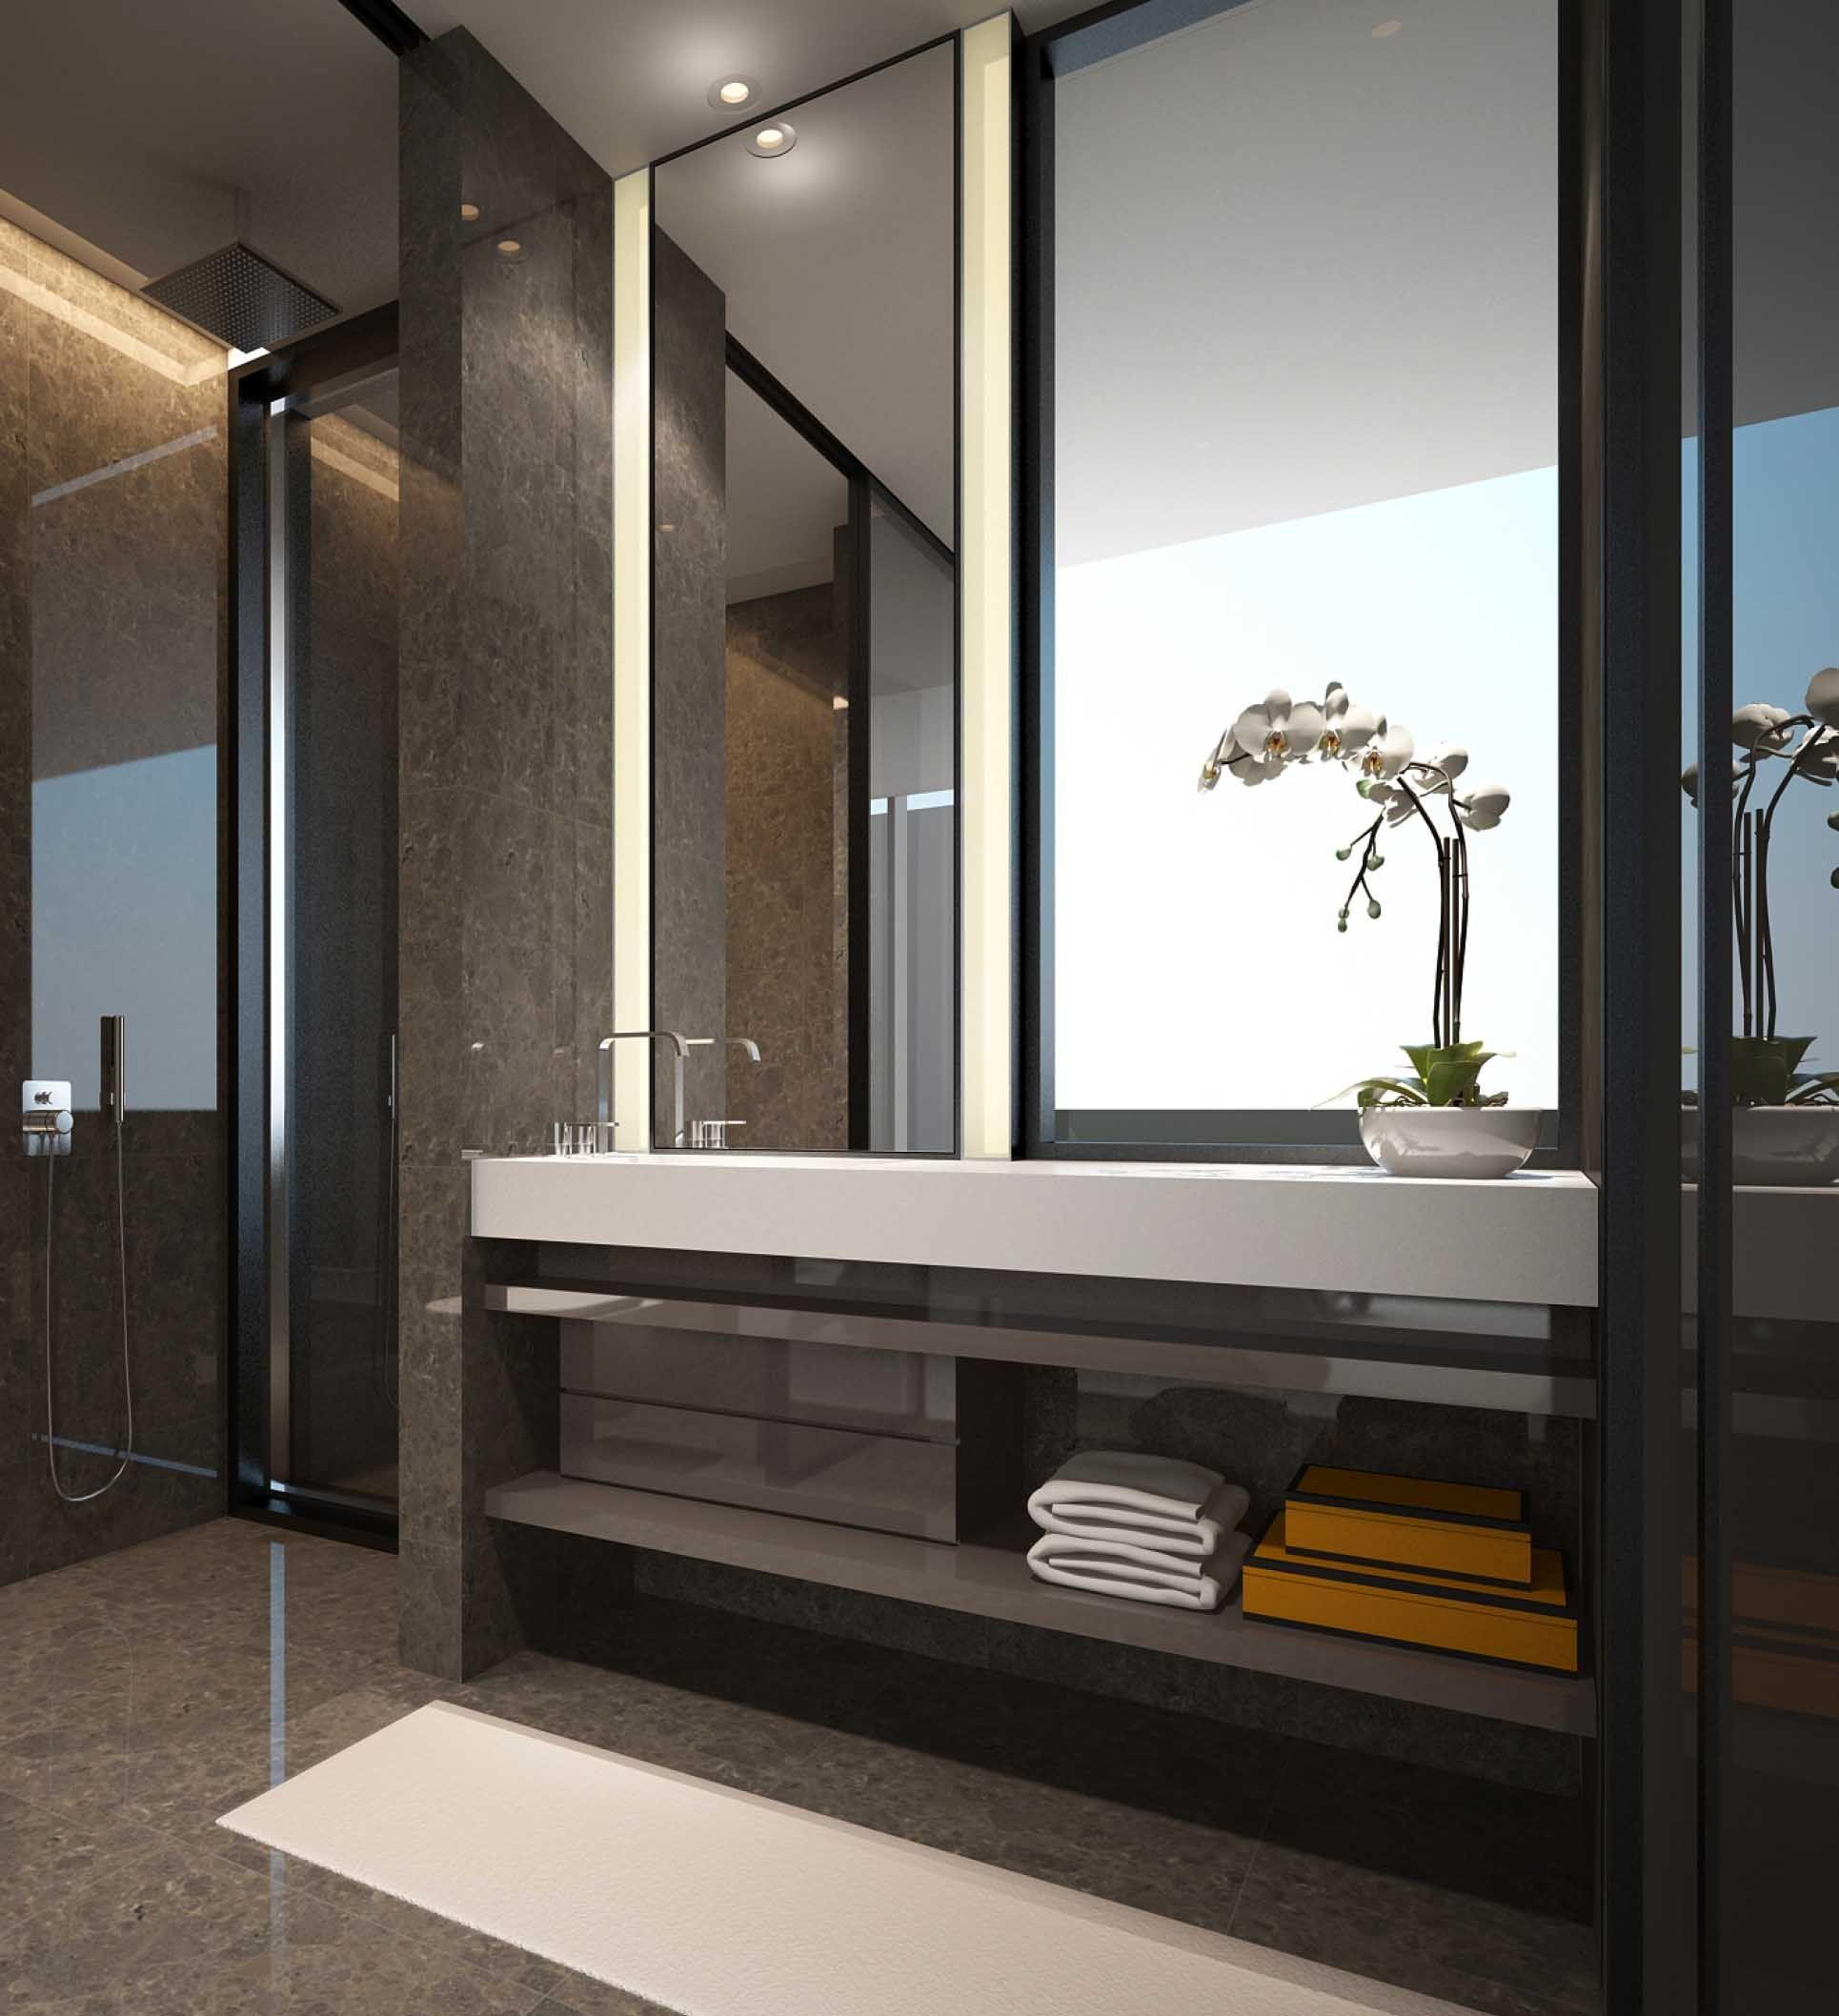 alle linien gehen bis oben an die decke spiegel schr nke ect wohnung pinterest. Black Bedroom Furniture Sets. Home Design Ideas